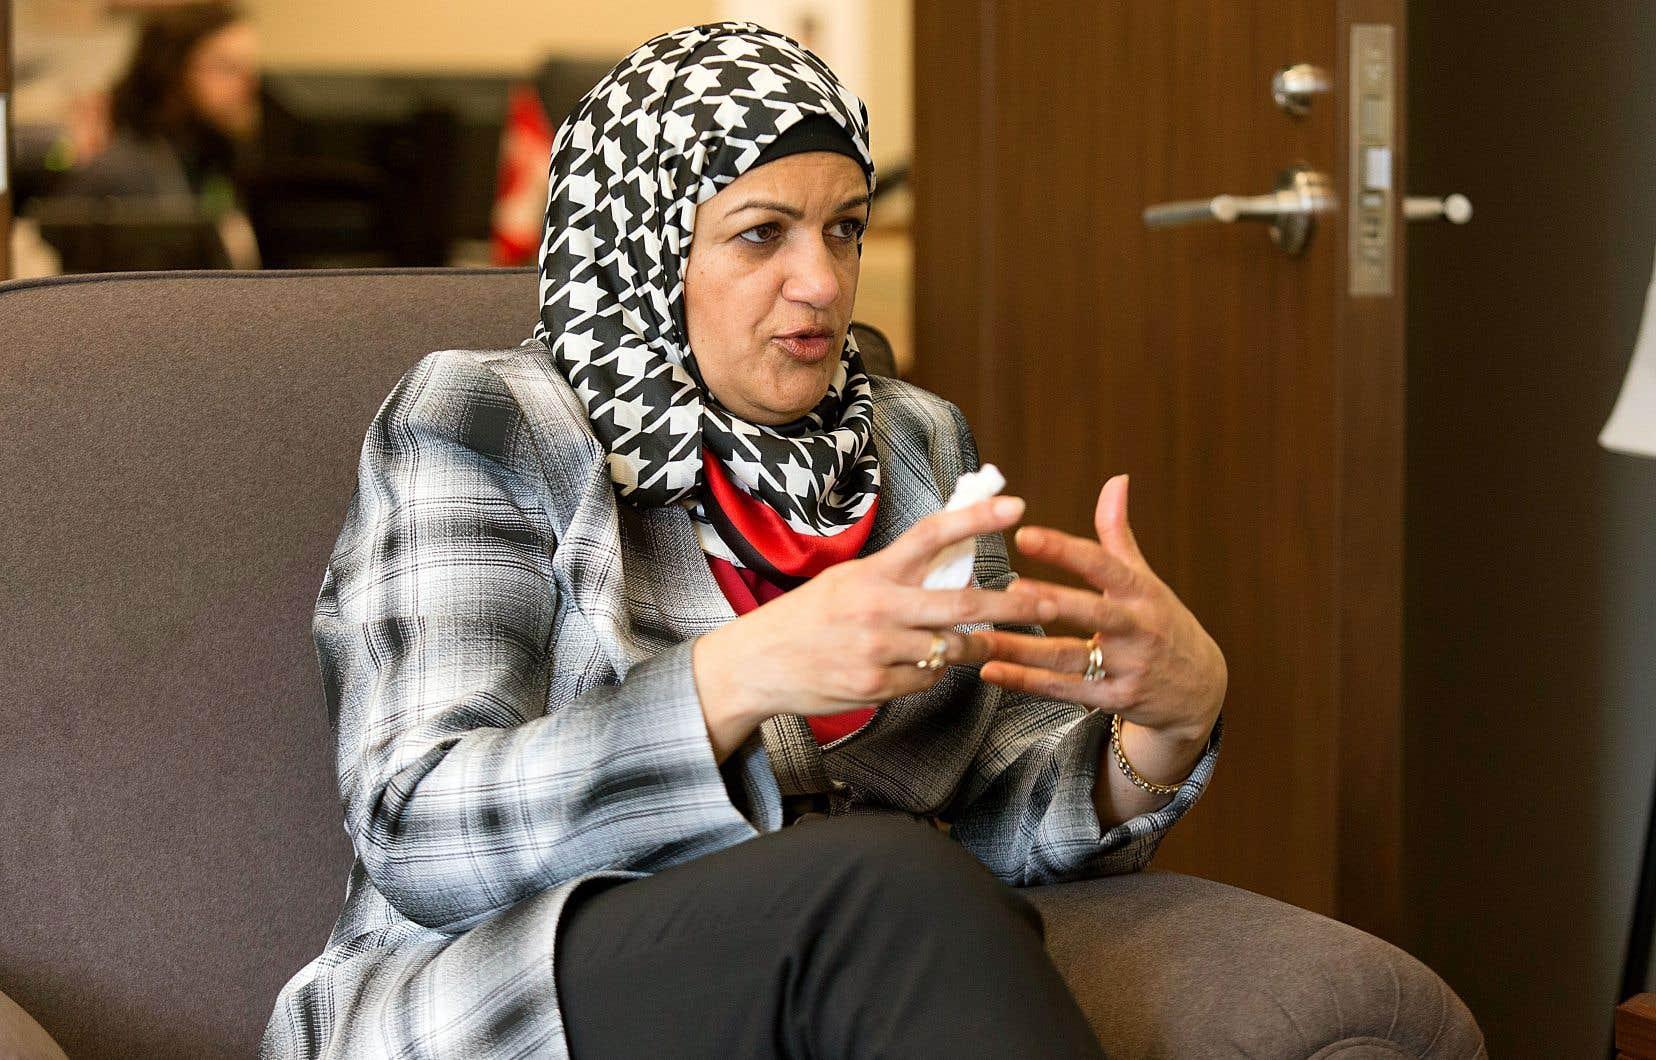 Née en Grande-Bretagne, Salma Zahid a grandi au Pakistan et a étudié à Londres en administration scolaire avant d'émigrer au Canada avec son mari en 1999.